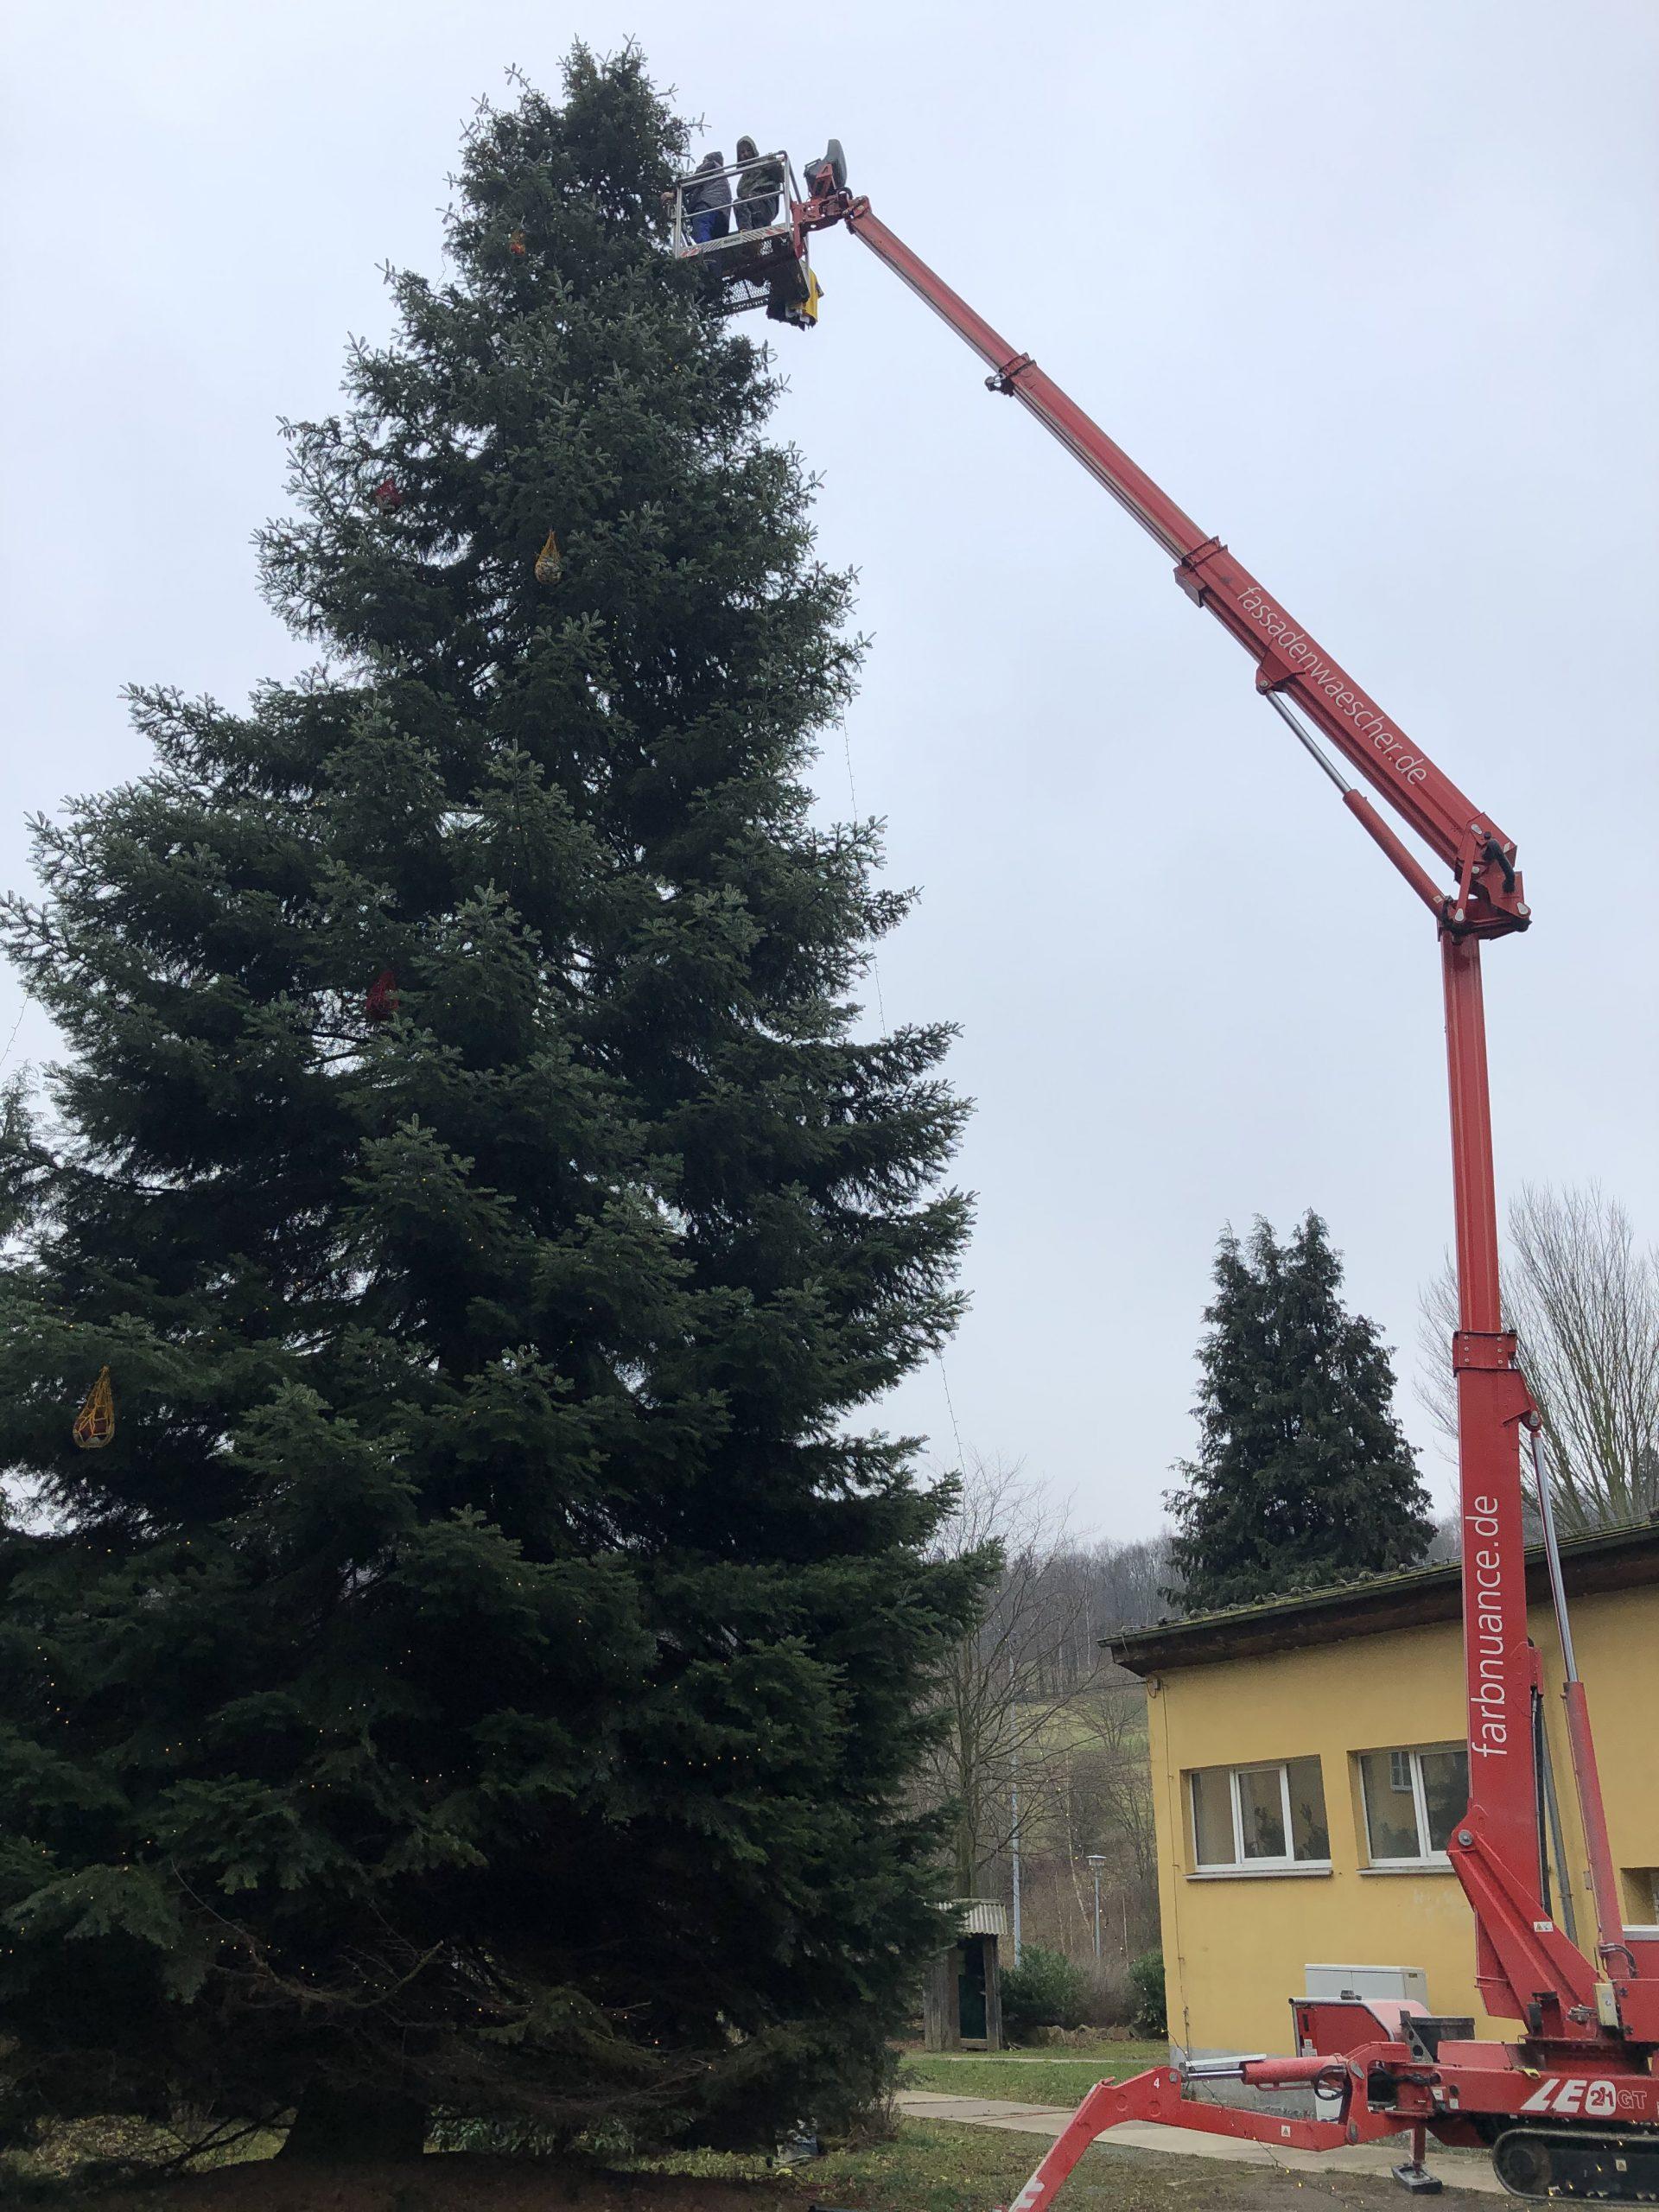 Weihnachtsbaum,Markersbach,Farbnuance,Algenmax,Hubsteiger,Hebebühne,Weihnachten (1)